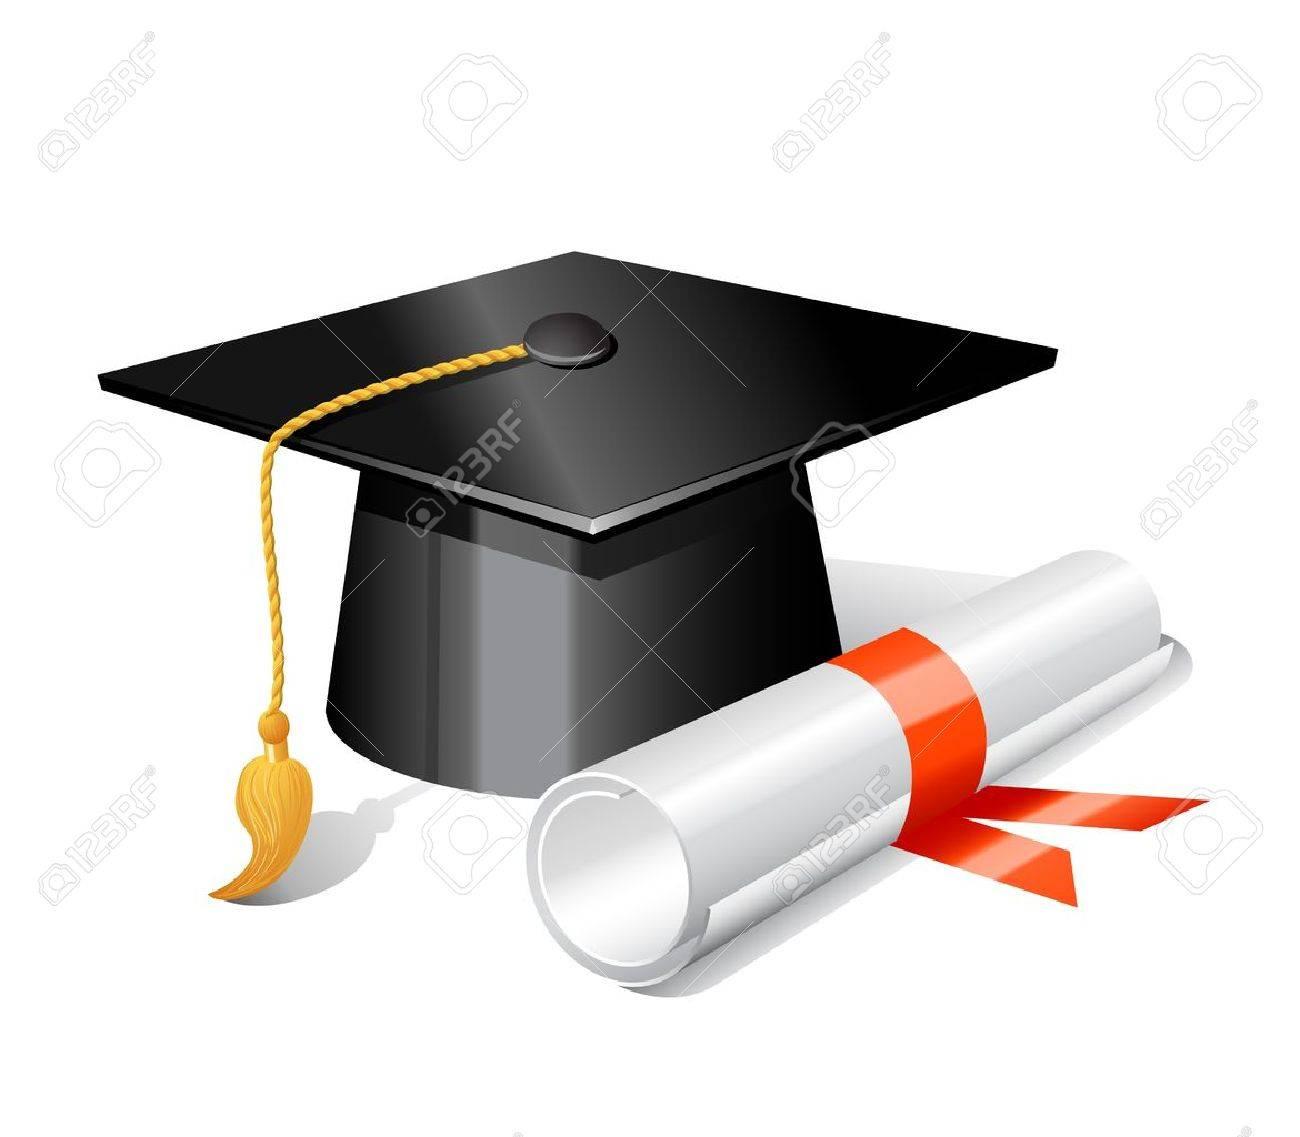 Free coloring pages graduation caps - Graduation Cap Graduation Cap And Diploma